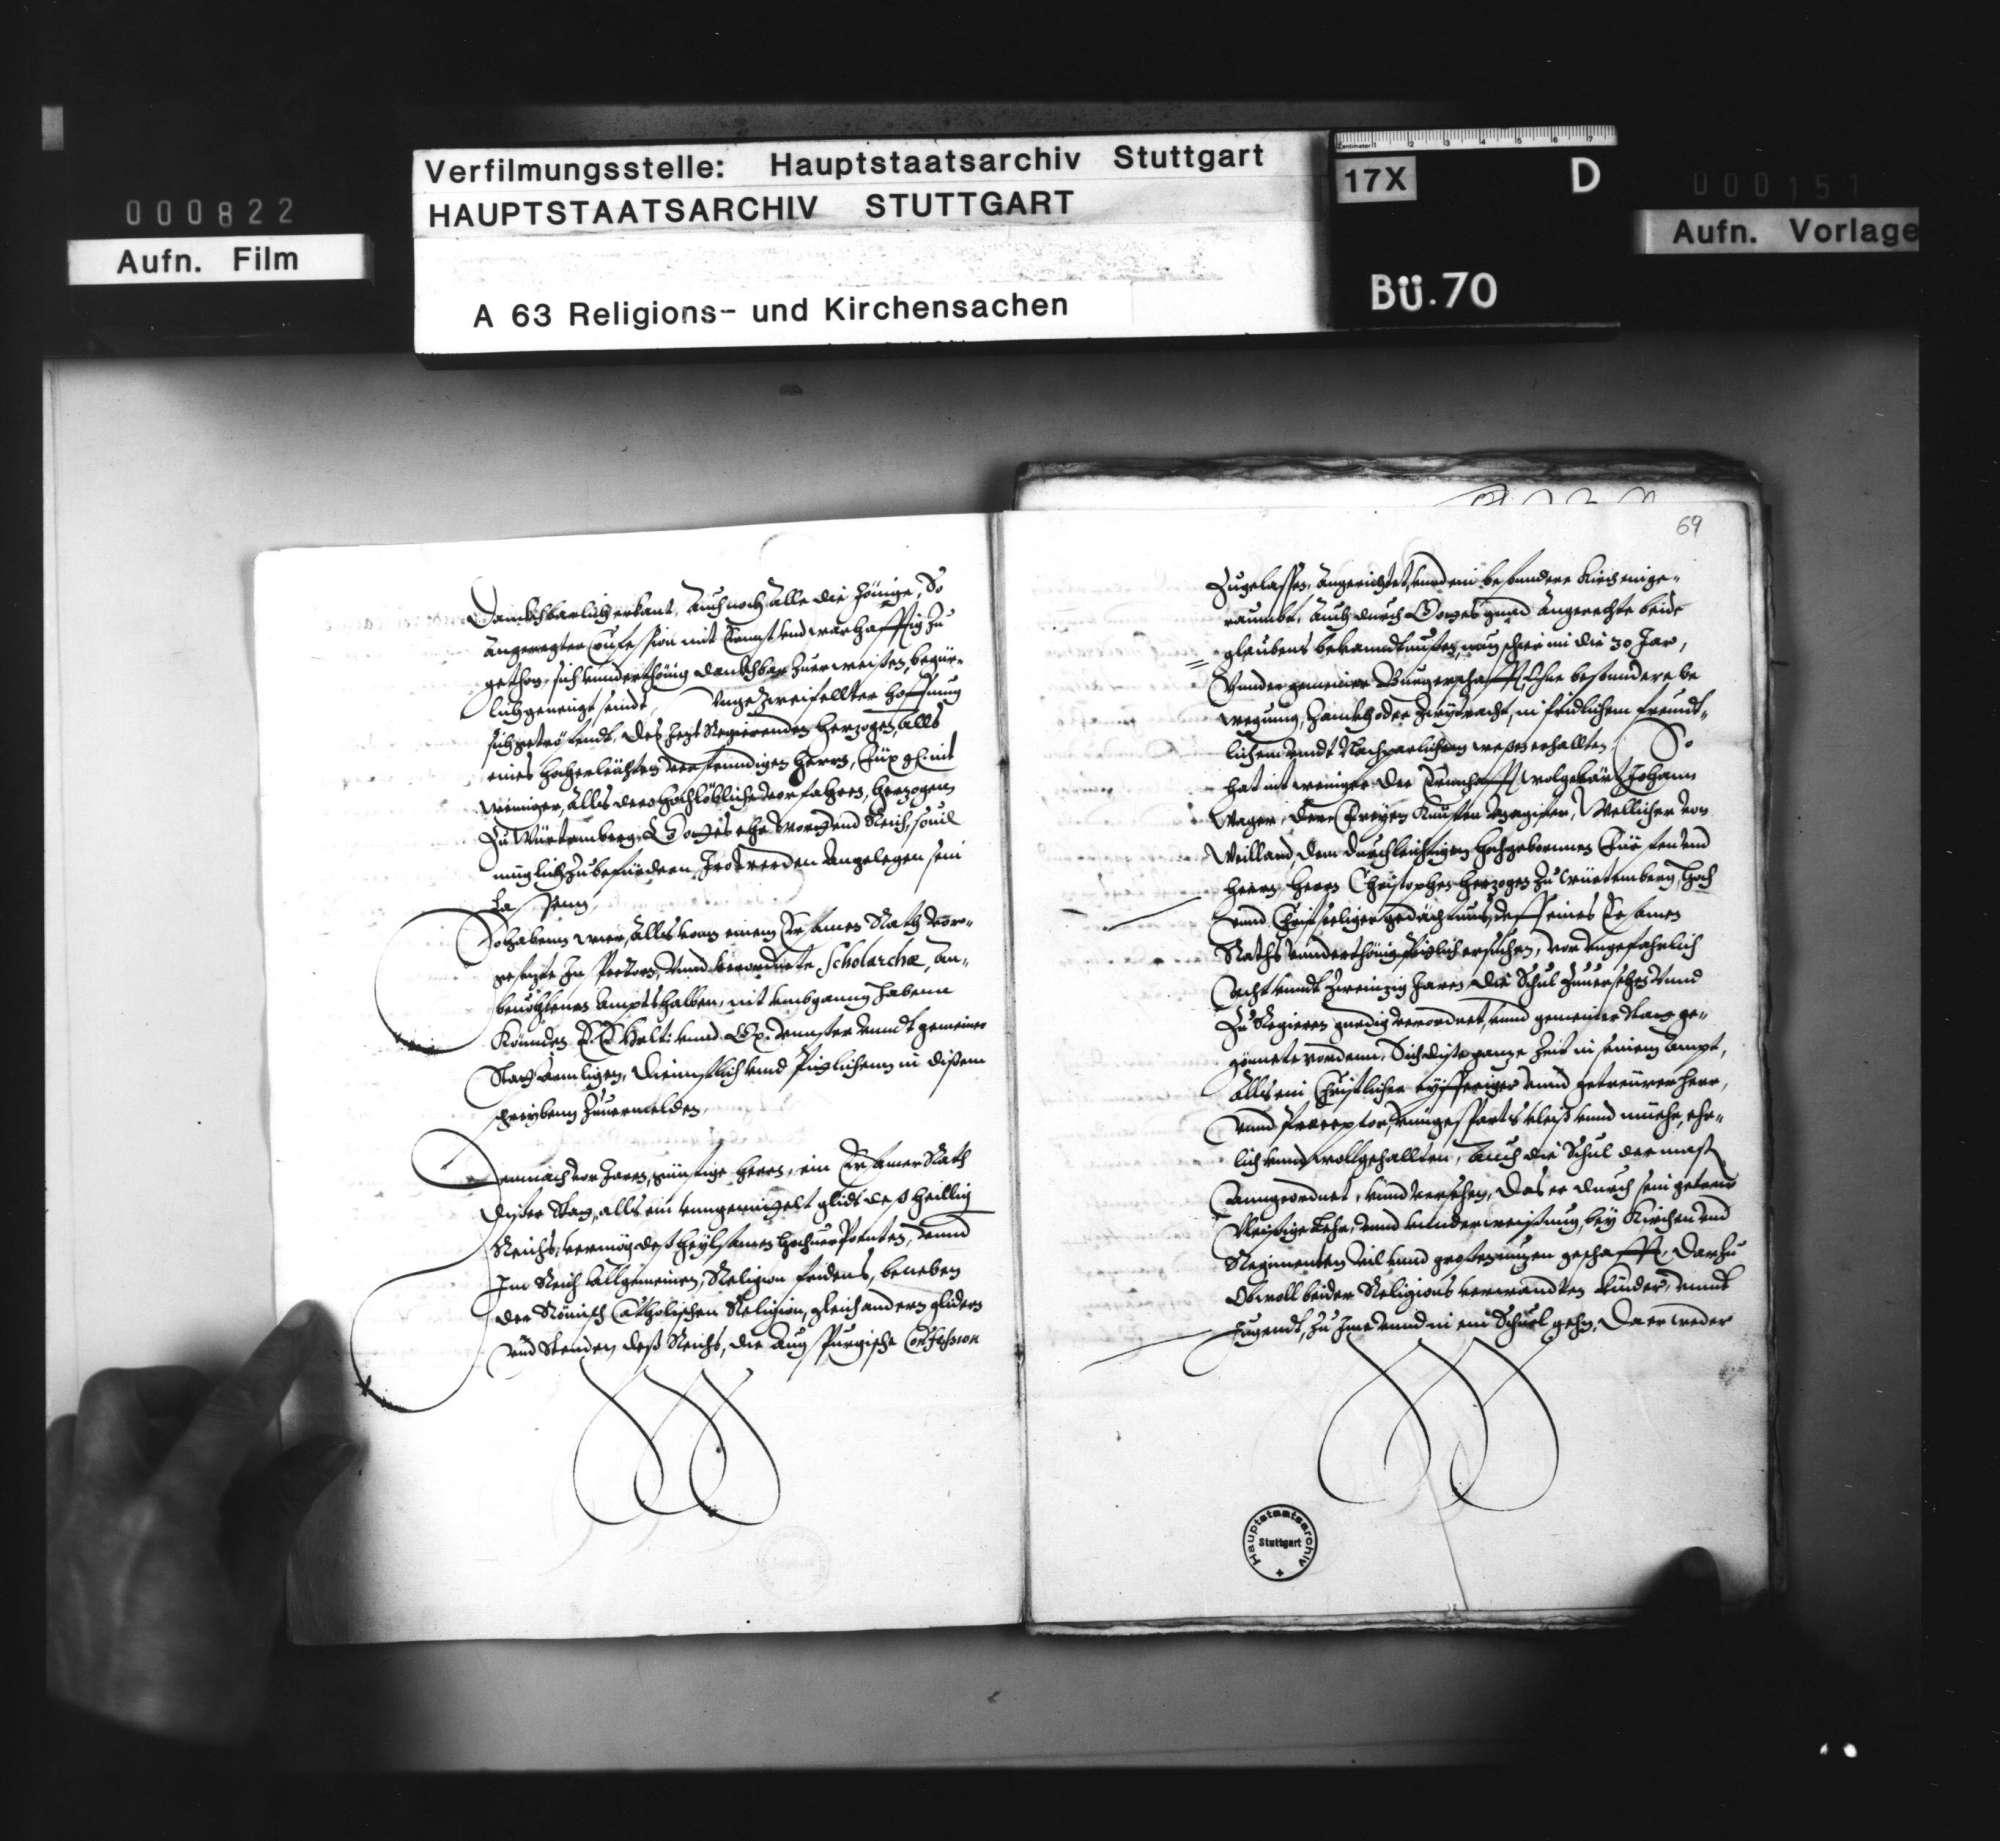 Akten, betreffend die Überlassung württembergischer Geistlicher an auswärtige Kirchen: 1. des J. Bogenritter nach Hagenau, 1594. 2. des Marcus Löffler nach Böhmen, 1595/97. 3. des G. Keppelmann an G. von Wald ins Thurgau, 1597. 4. des G. Speyser an den Grafen von Erbach, 1599. 5. des Leonhard Seiz an denselben, 1602. 6. des C. Wagner an den Freiherrn zu Gundersdorf, 1602. 7. des U. Viktor nach Landau, 1604. 8. des Erhard Cellius an die Stadt Wimpfen, 1606., Bild 3